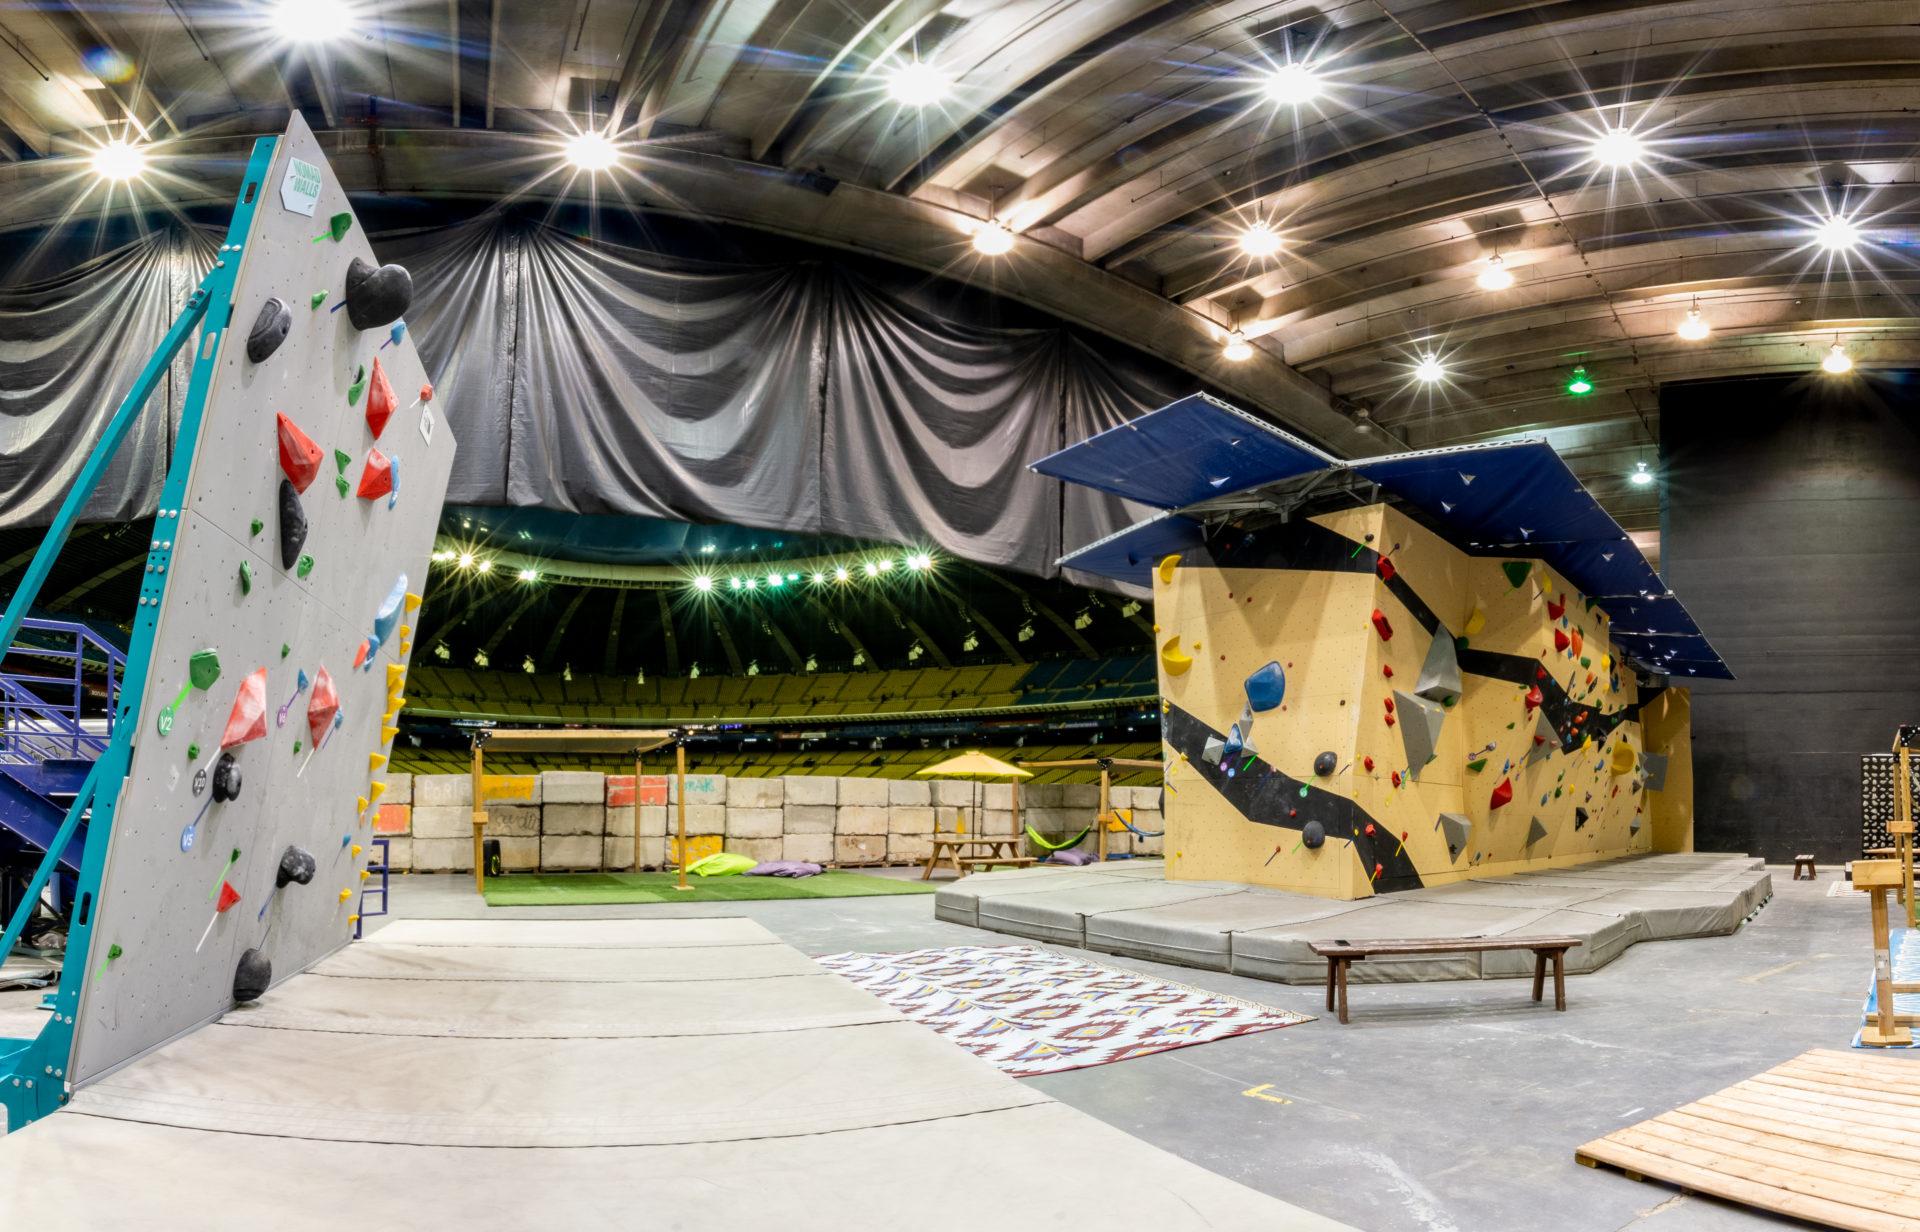 Le Stade olympique inaugure son tout nouveau centre d'escalade intérieur et c'est parfait pour les sportifs montréalais!